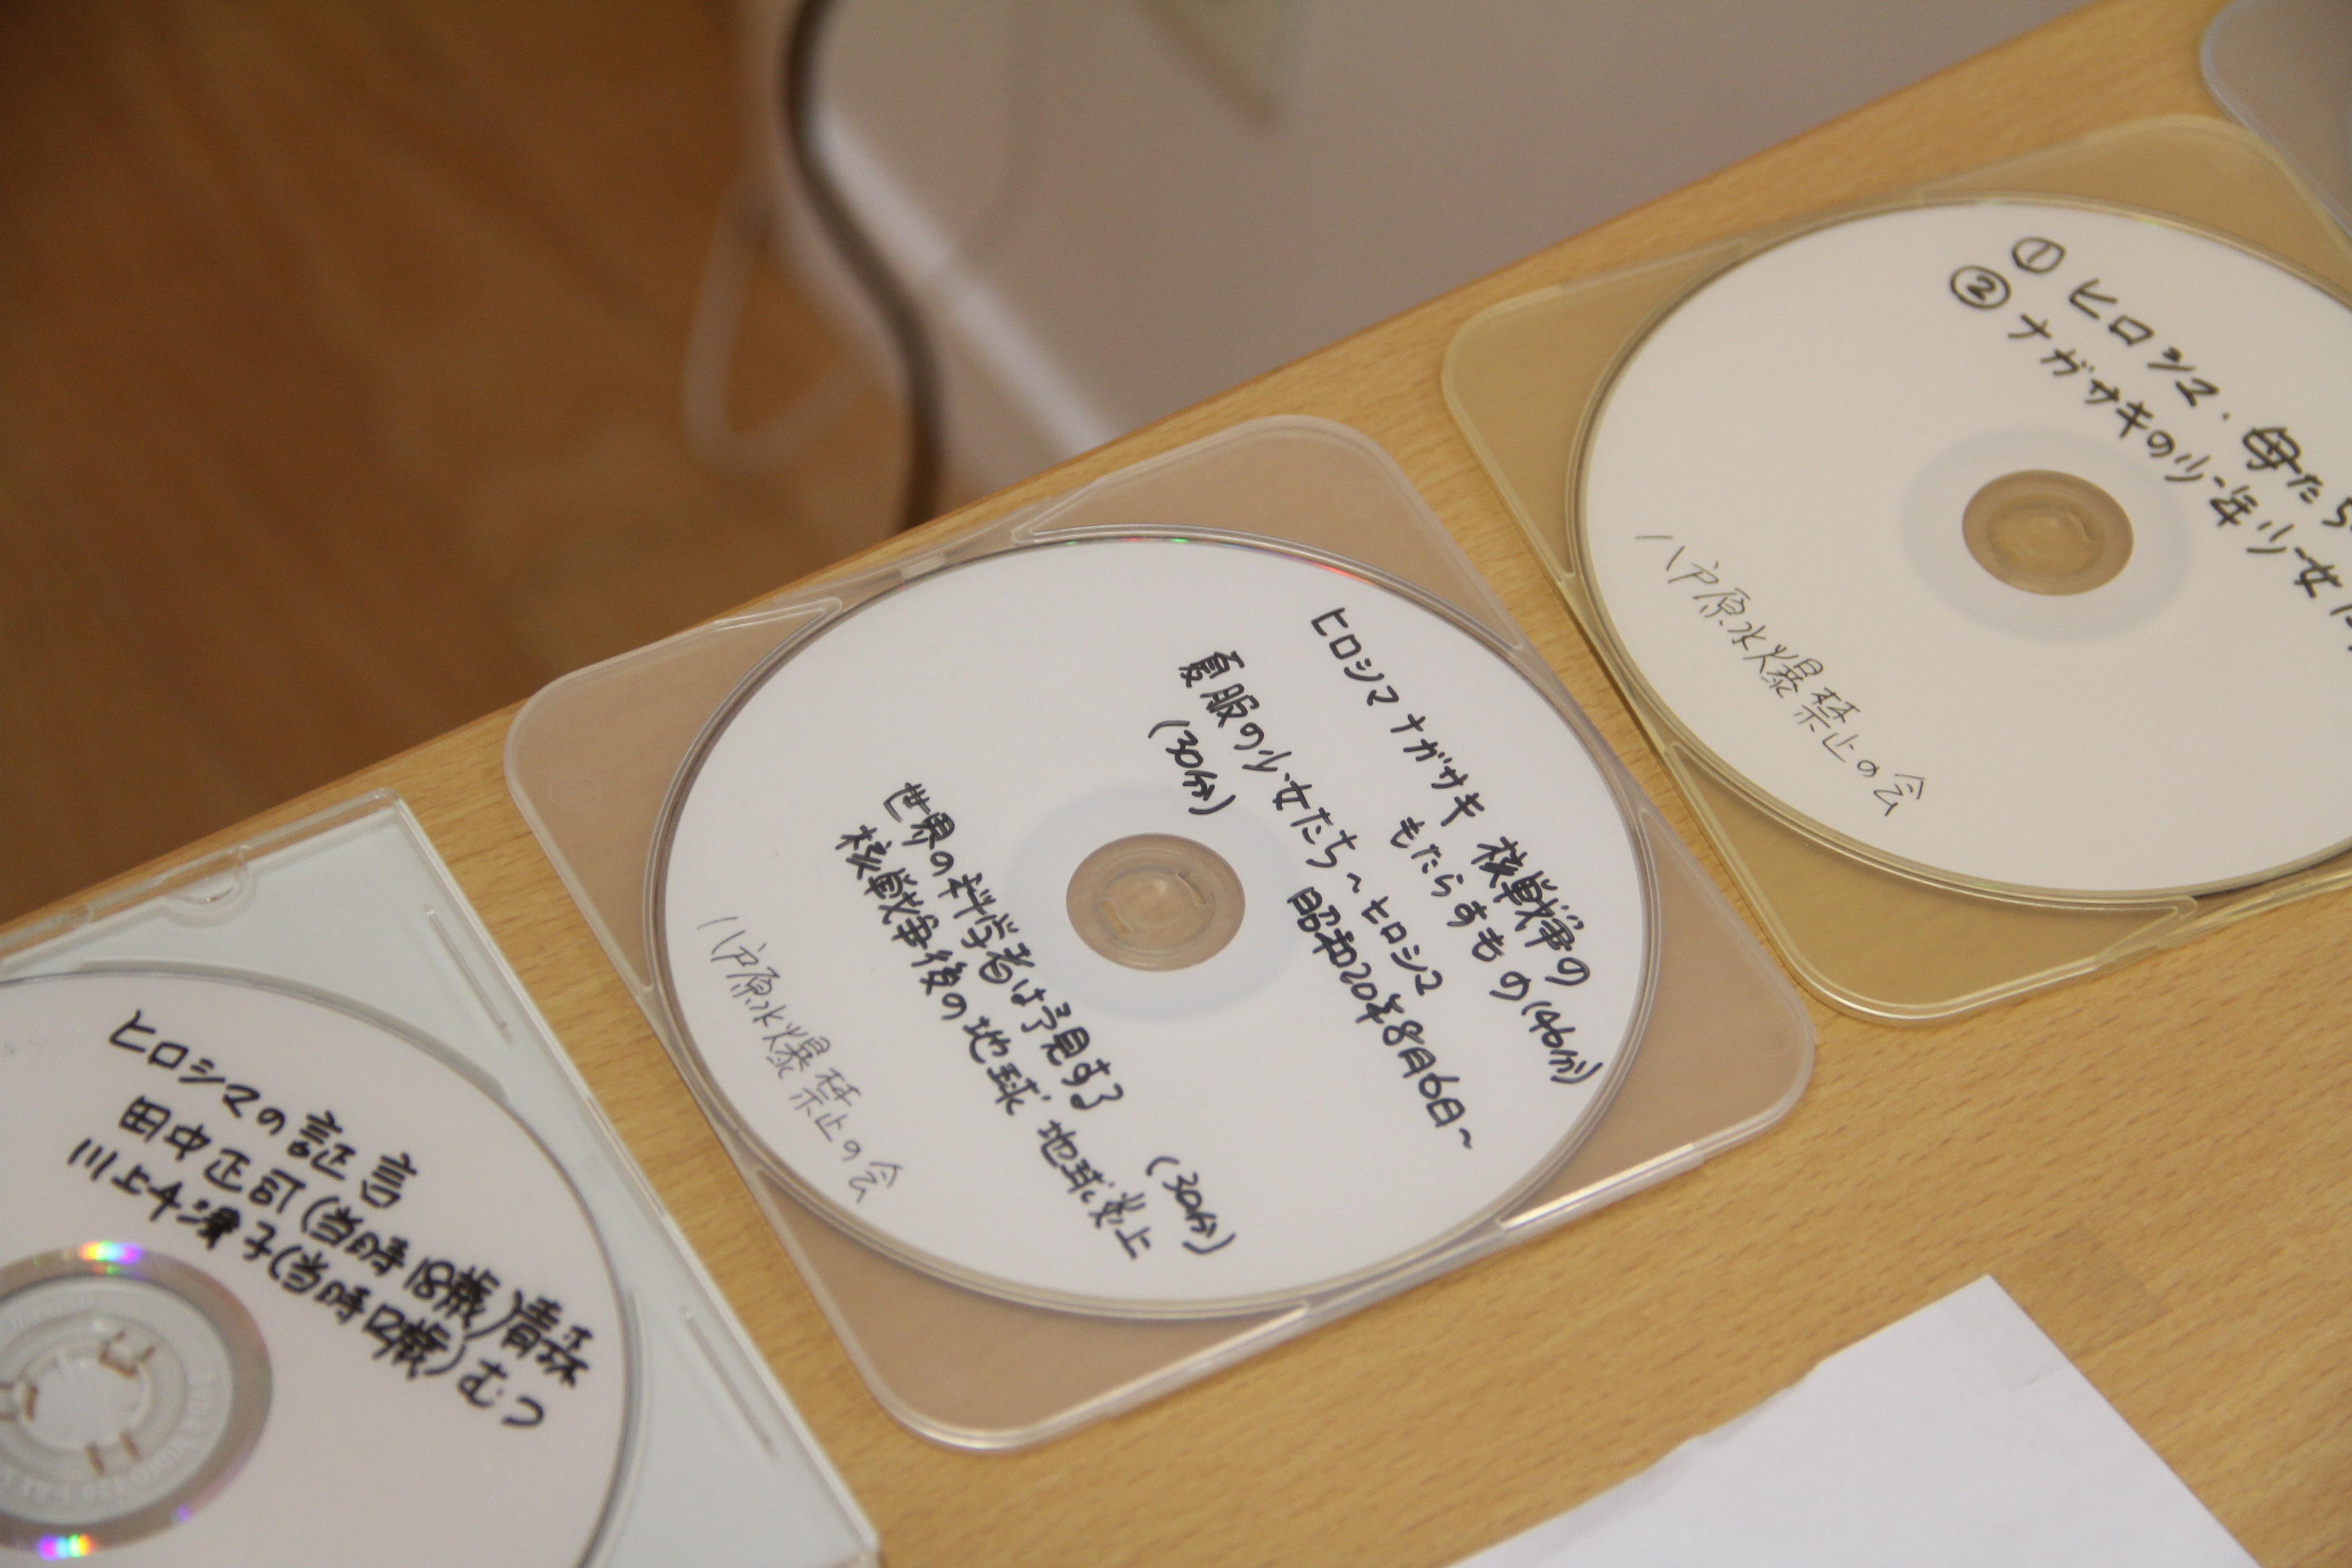 http://hacchi.jp/blog/upload/images/260806-3.JPG